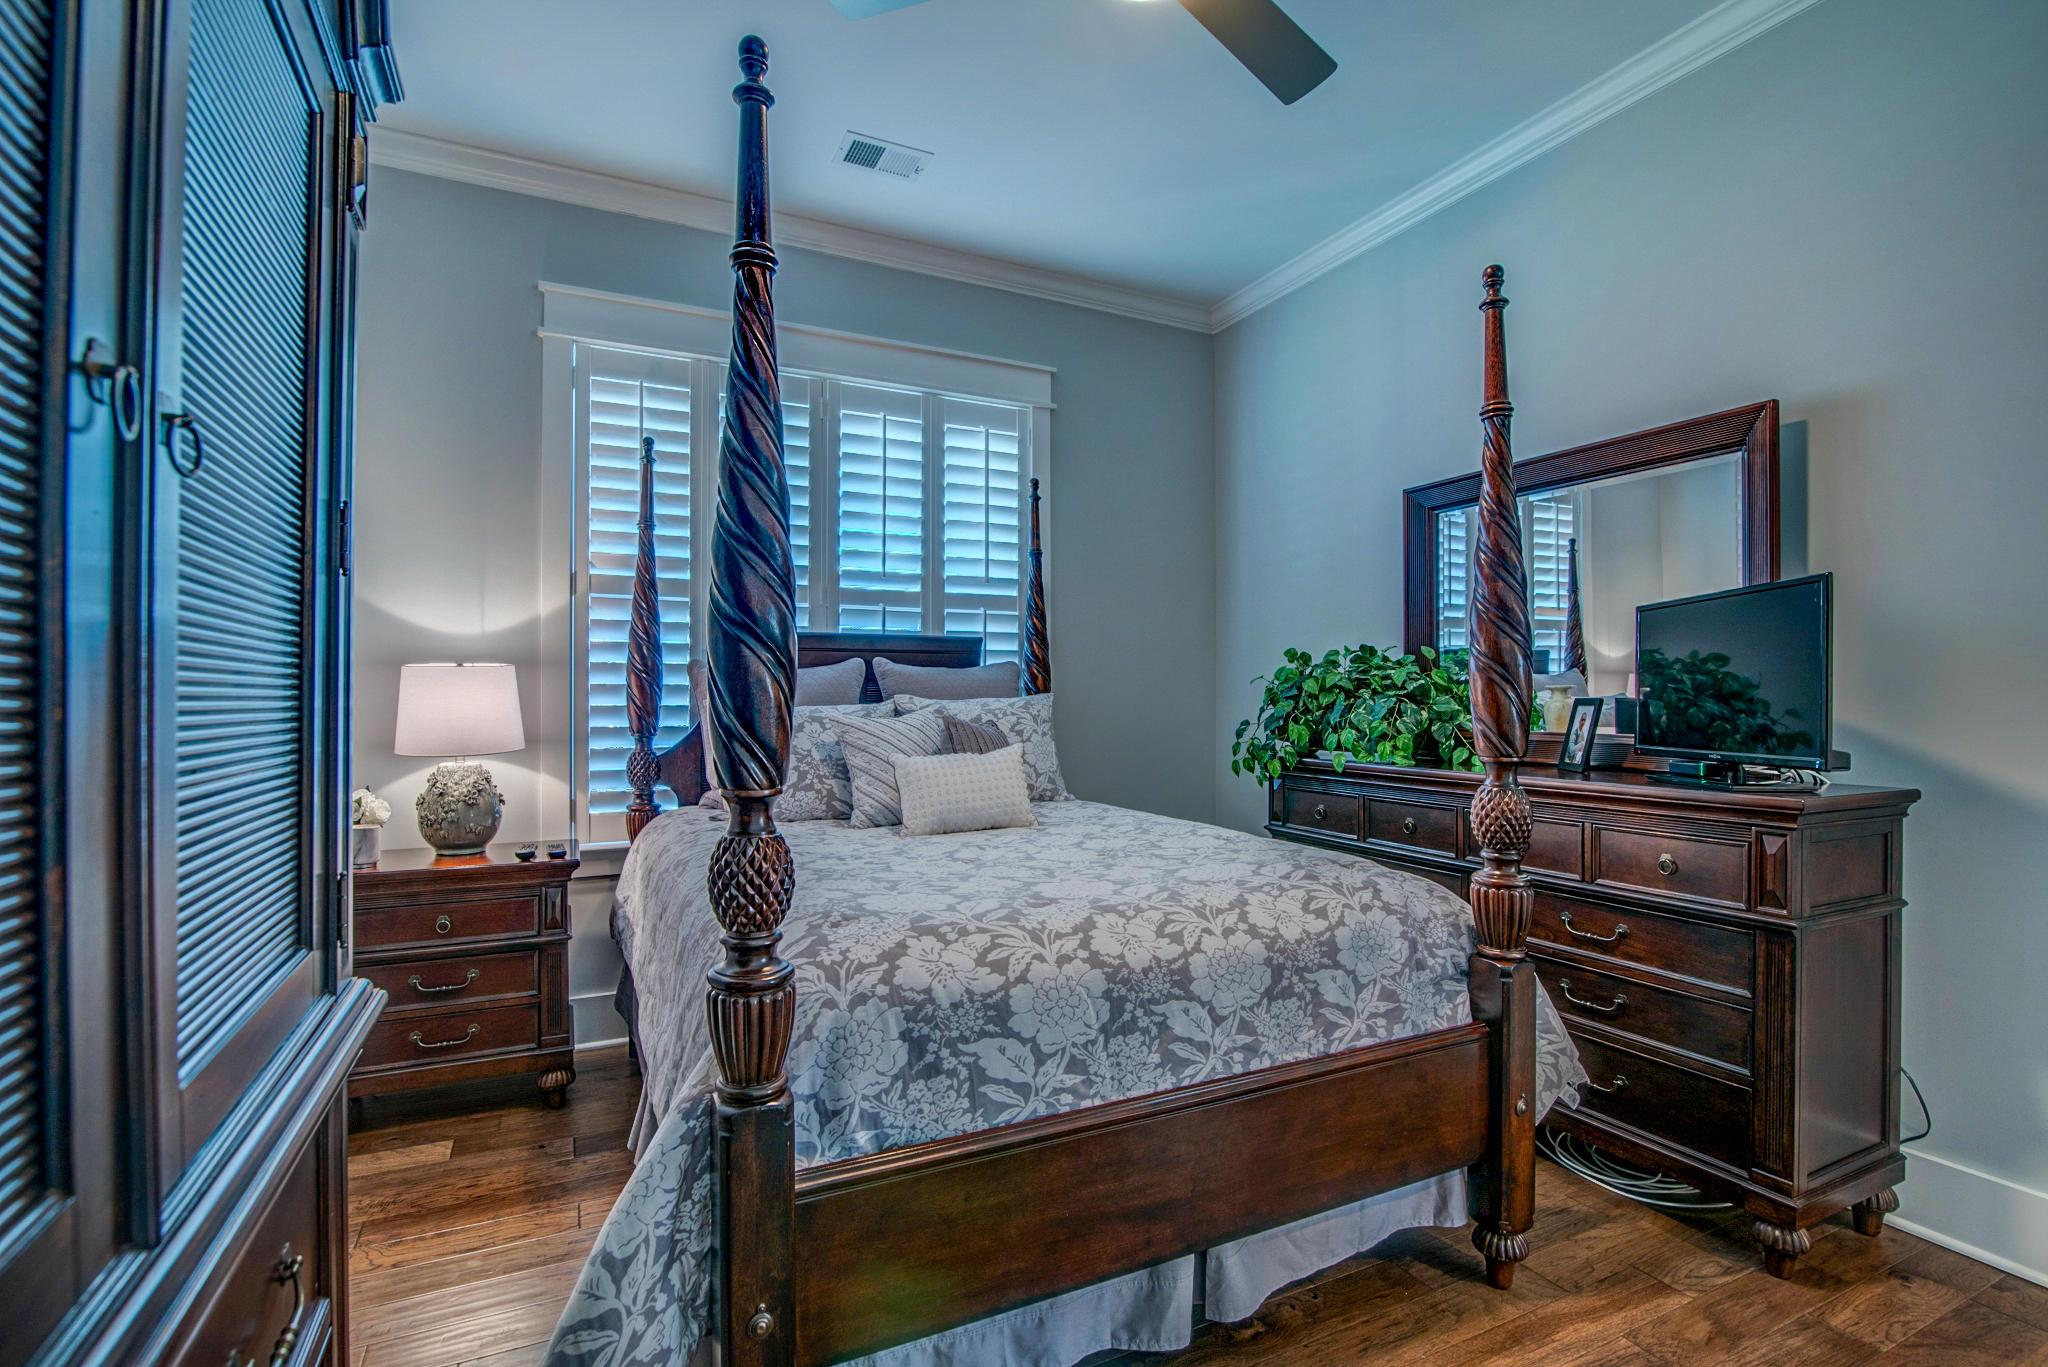 Dunes West Homes For Sale - 2883 River Vista, Mount Pleasant, SC - 30